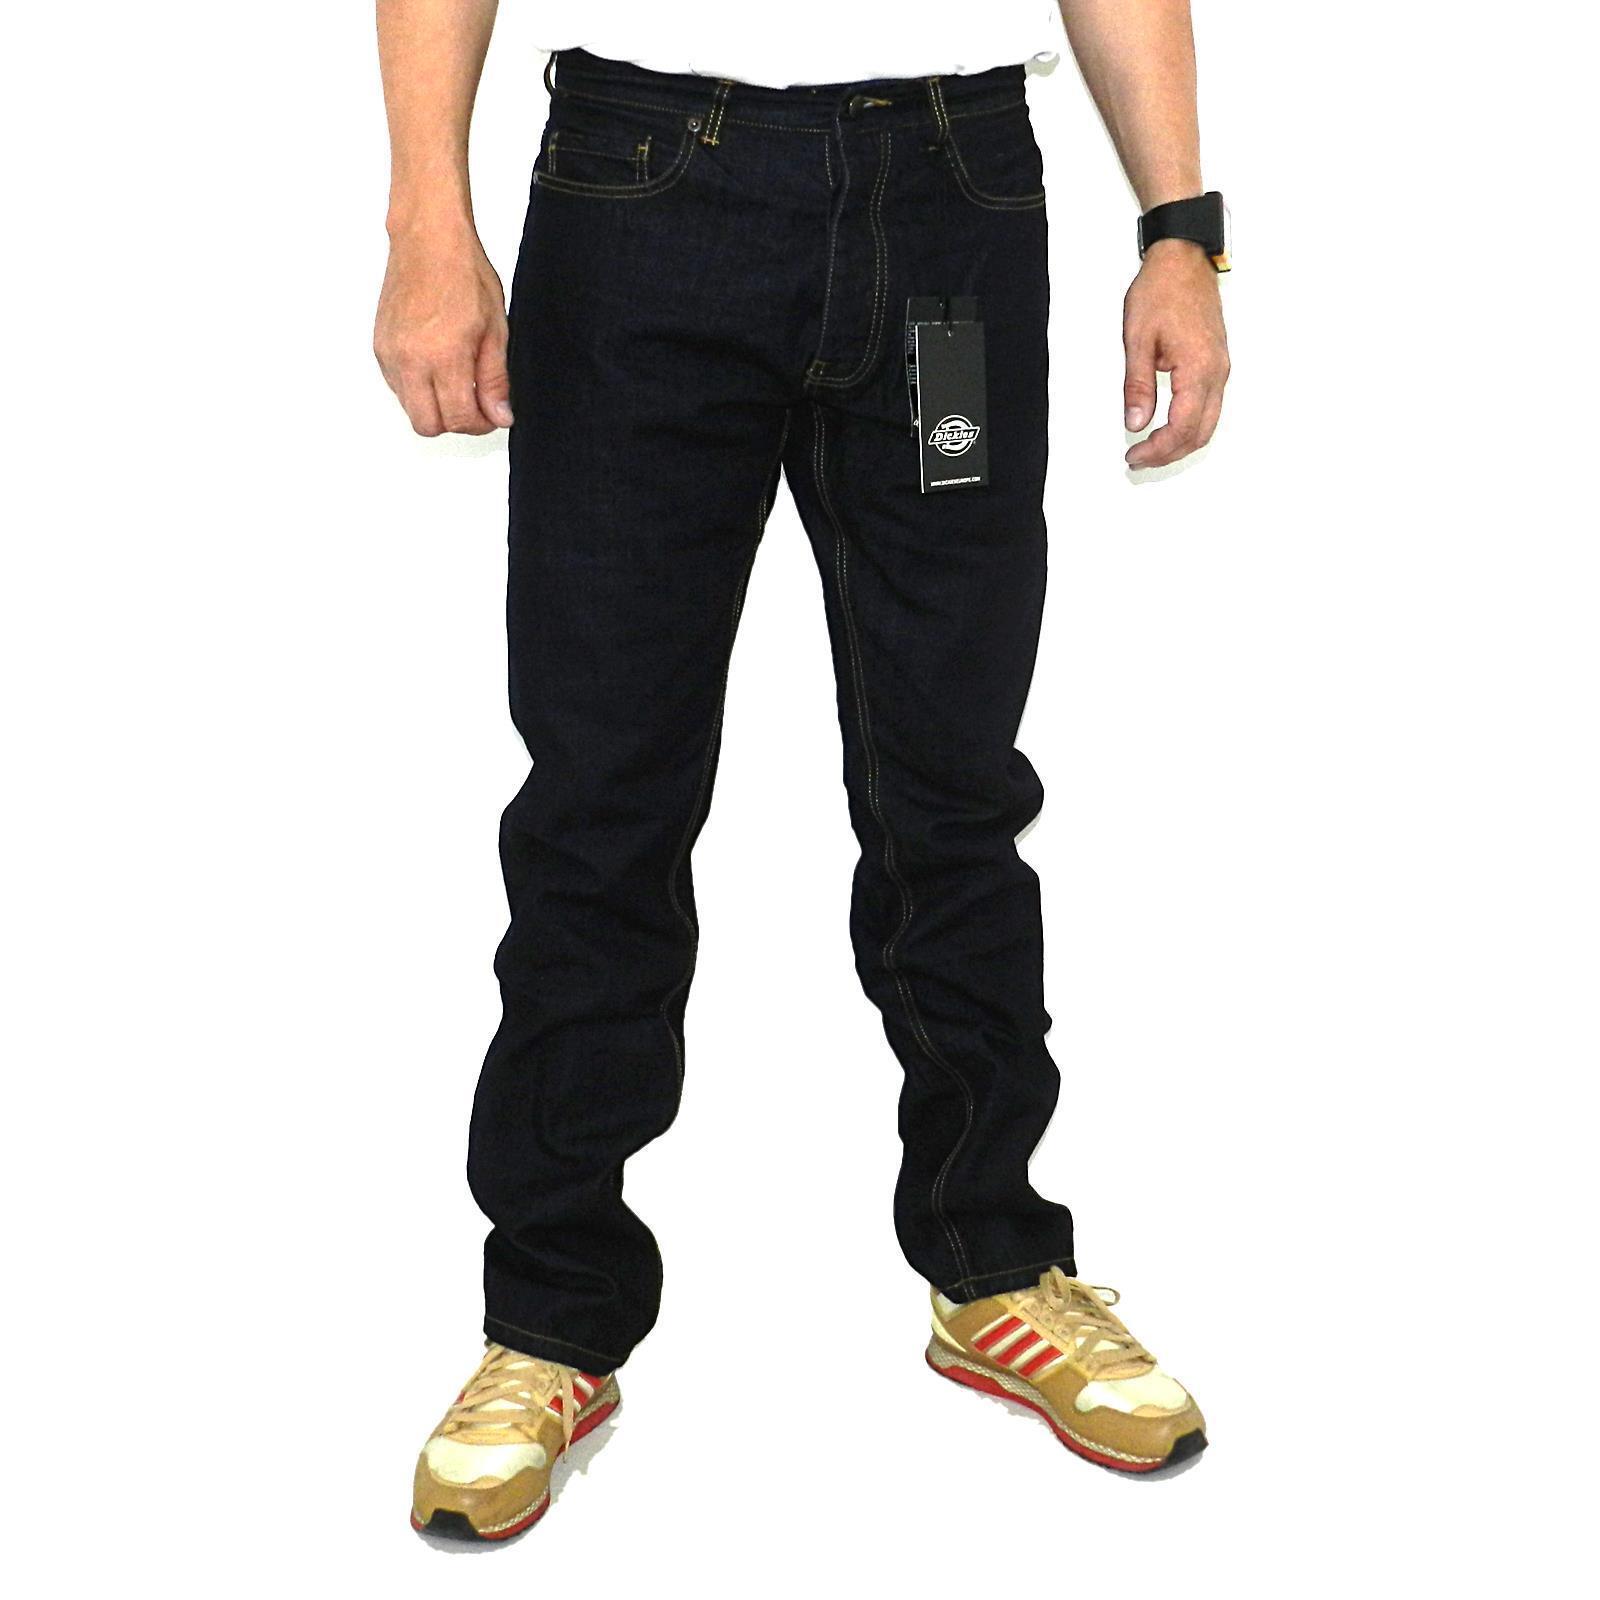 Dickies Michigan Jeans Herren Hose Regular Regular Regular Fit Farbe rinsed 14044 71452f